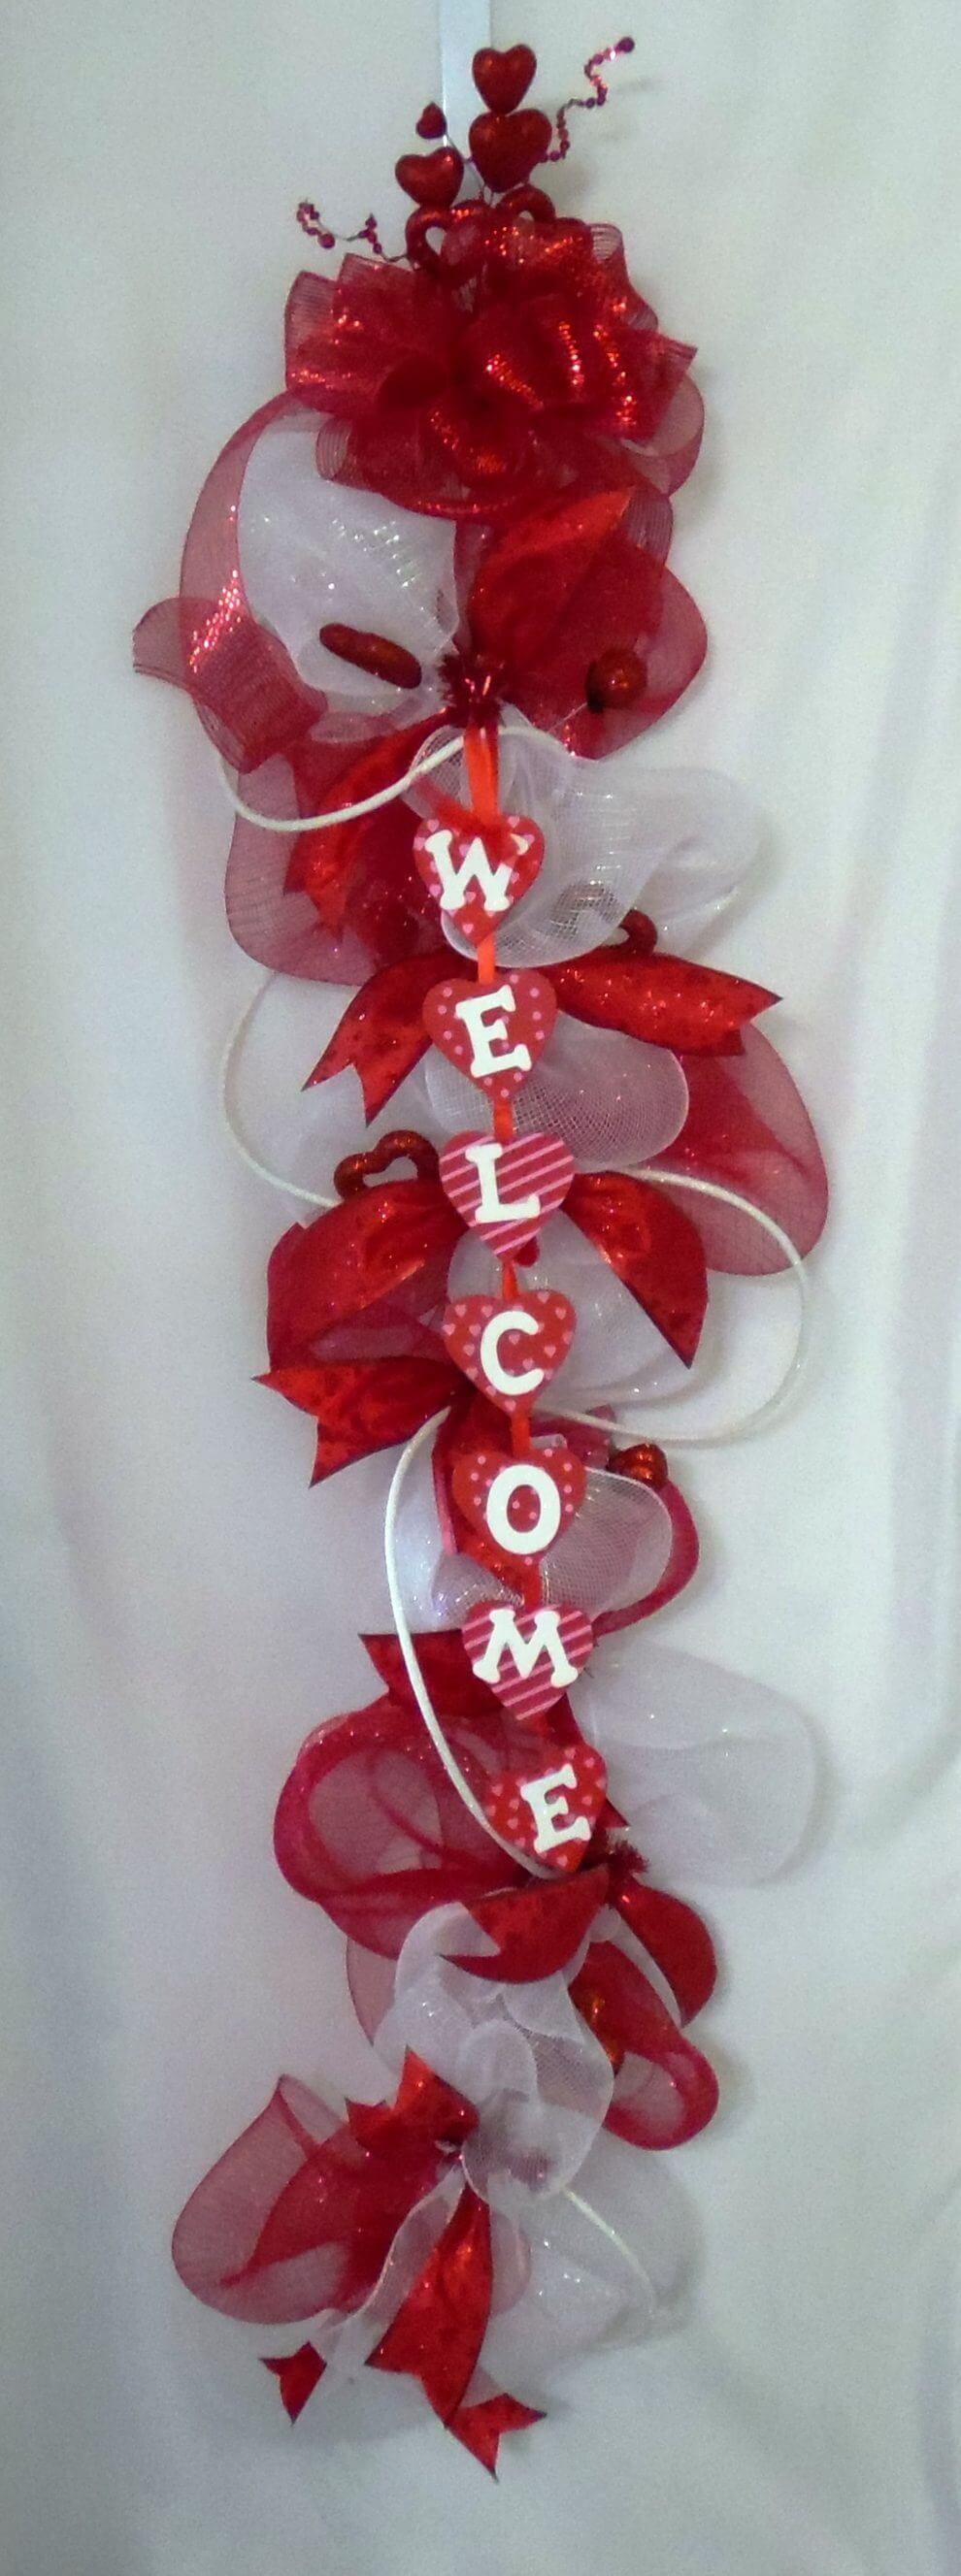 Valentineu0027s Day Welcome Door Swag u2022 Home Decor Wreaths | Garland | Centerpieces | Door Swags - Company in Las Vegas & Valentineu0027s Day Welcome Door Swag u2022 Home Decor Wreaths | Garland ...